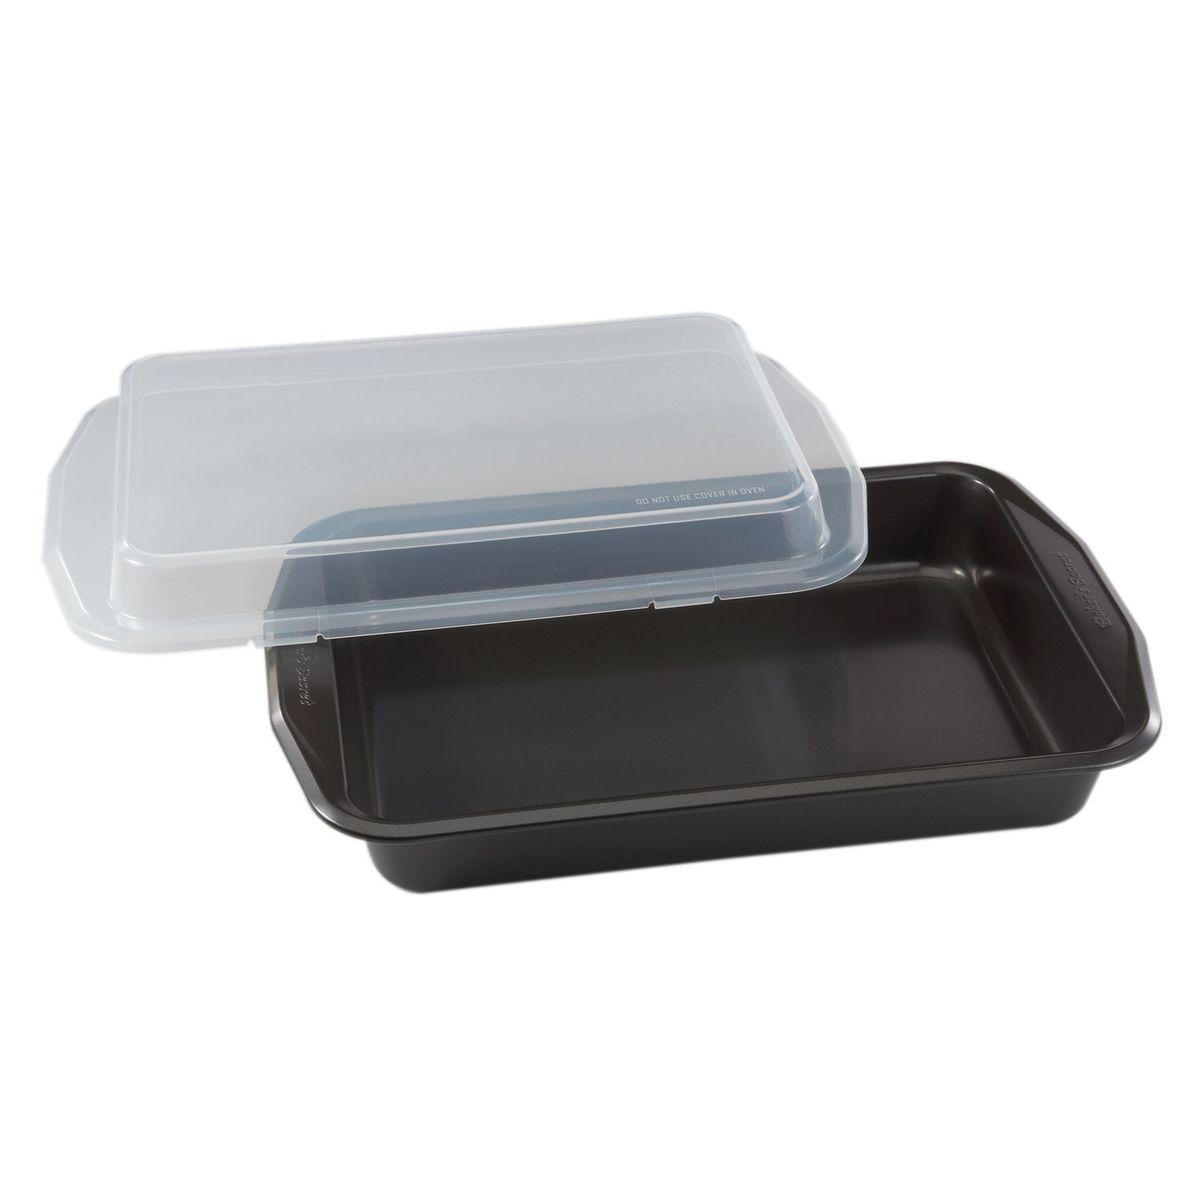 Форма для выпечки 23х33см, с крышкой, цвет: серый